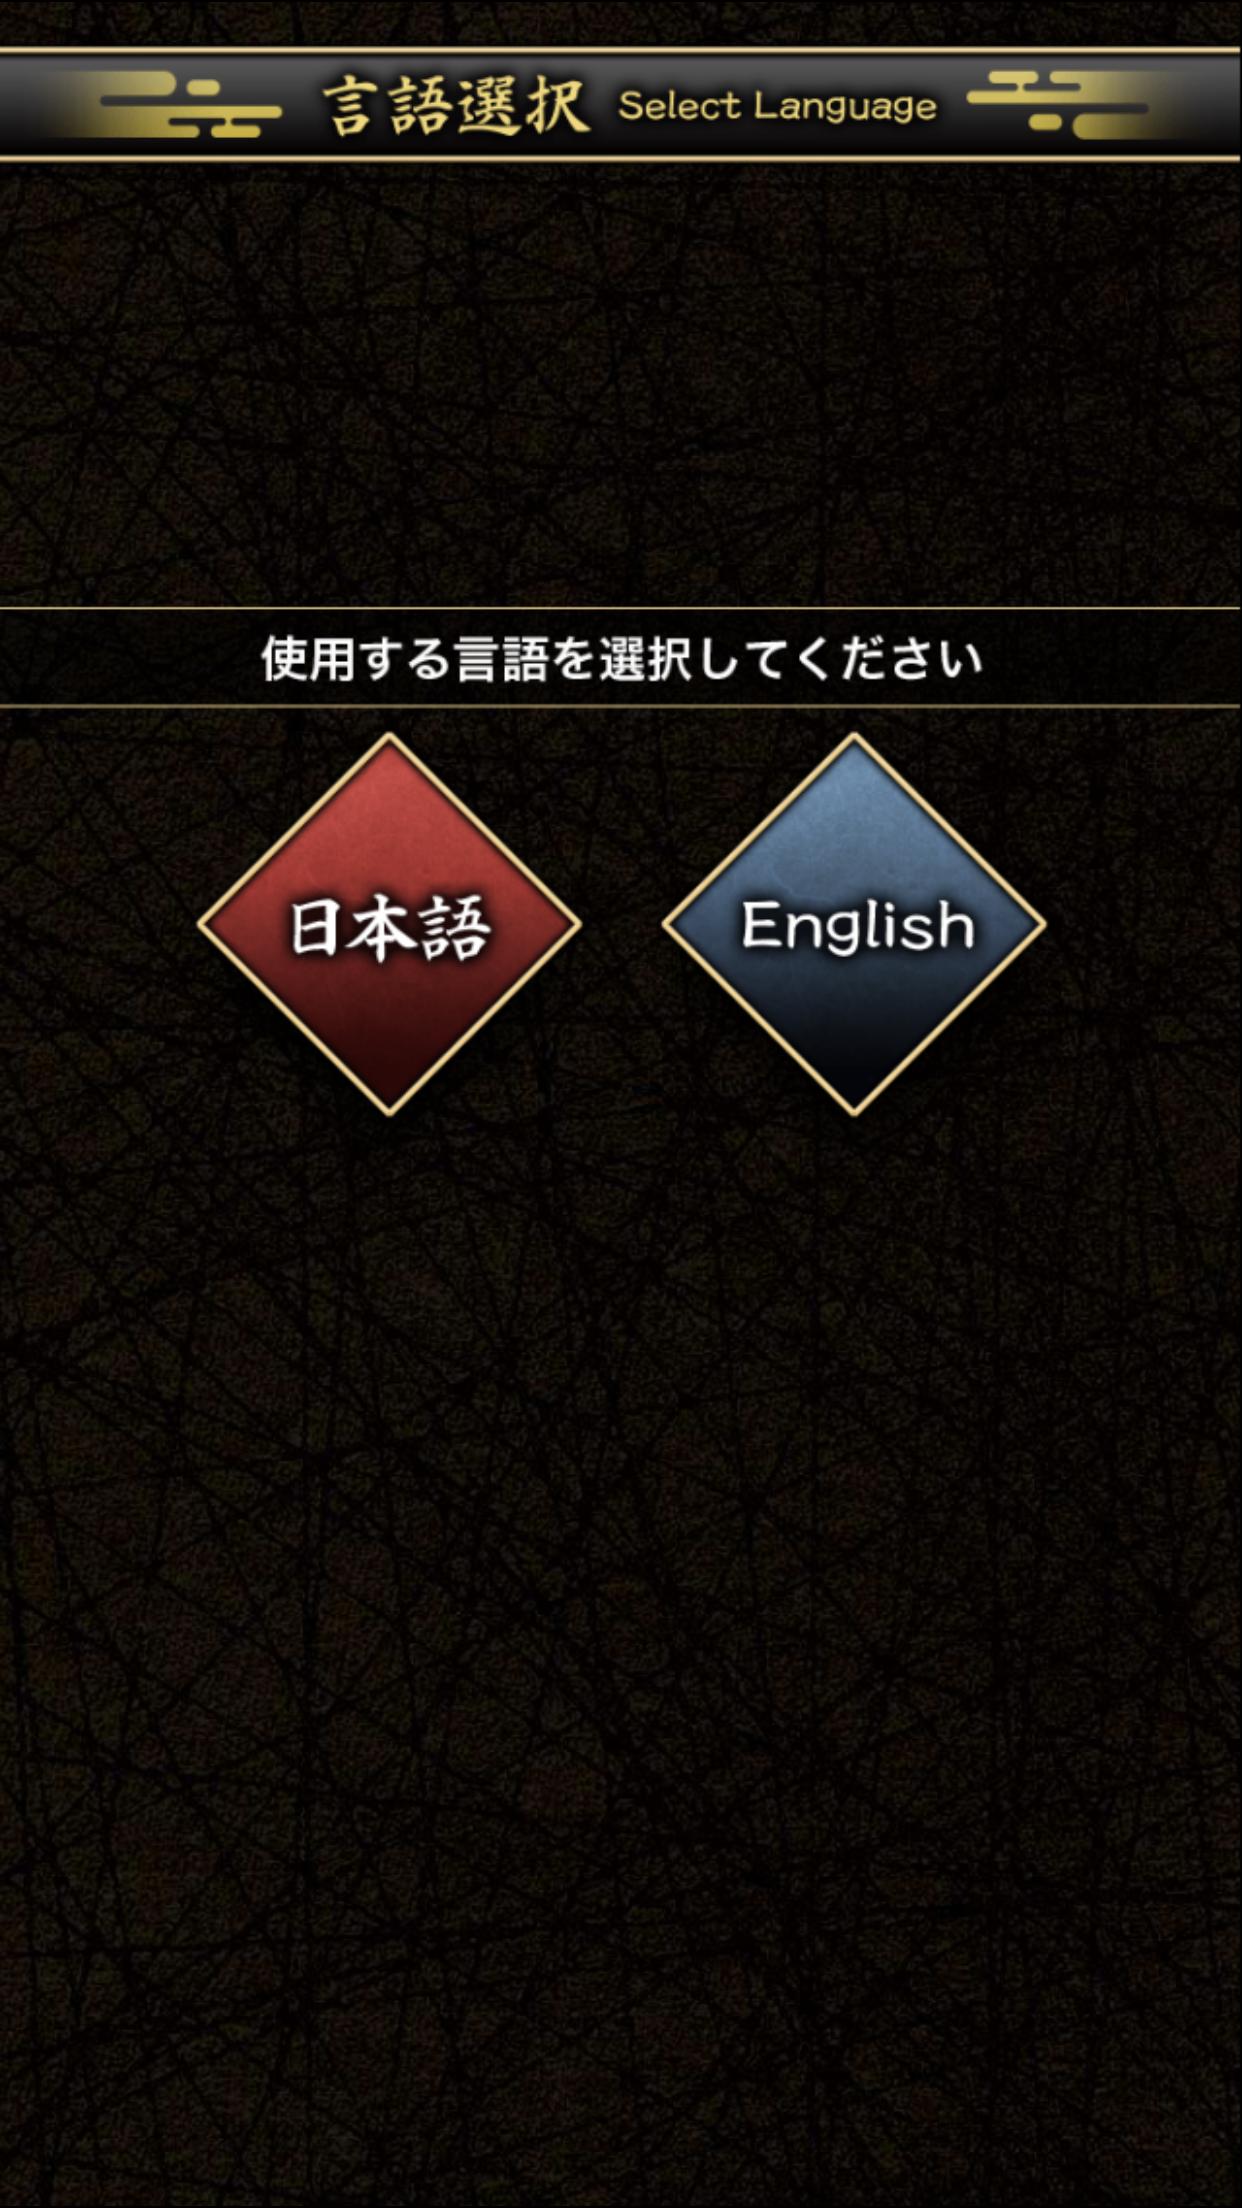 言な絶えそね|言語選択画面 画像